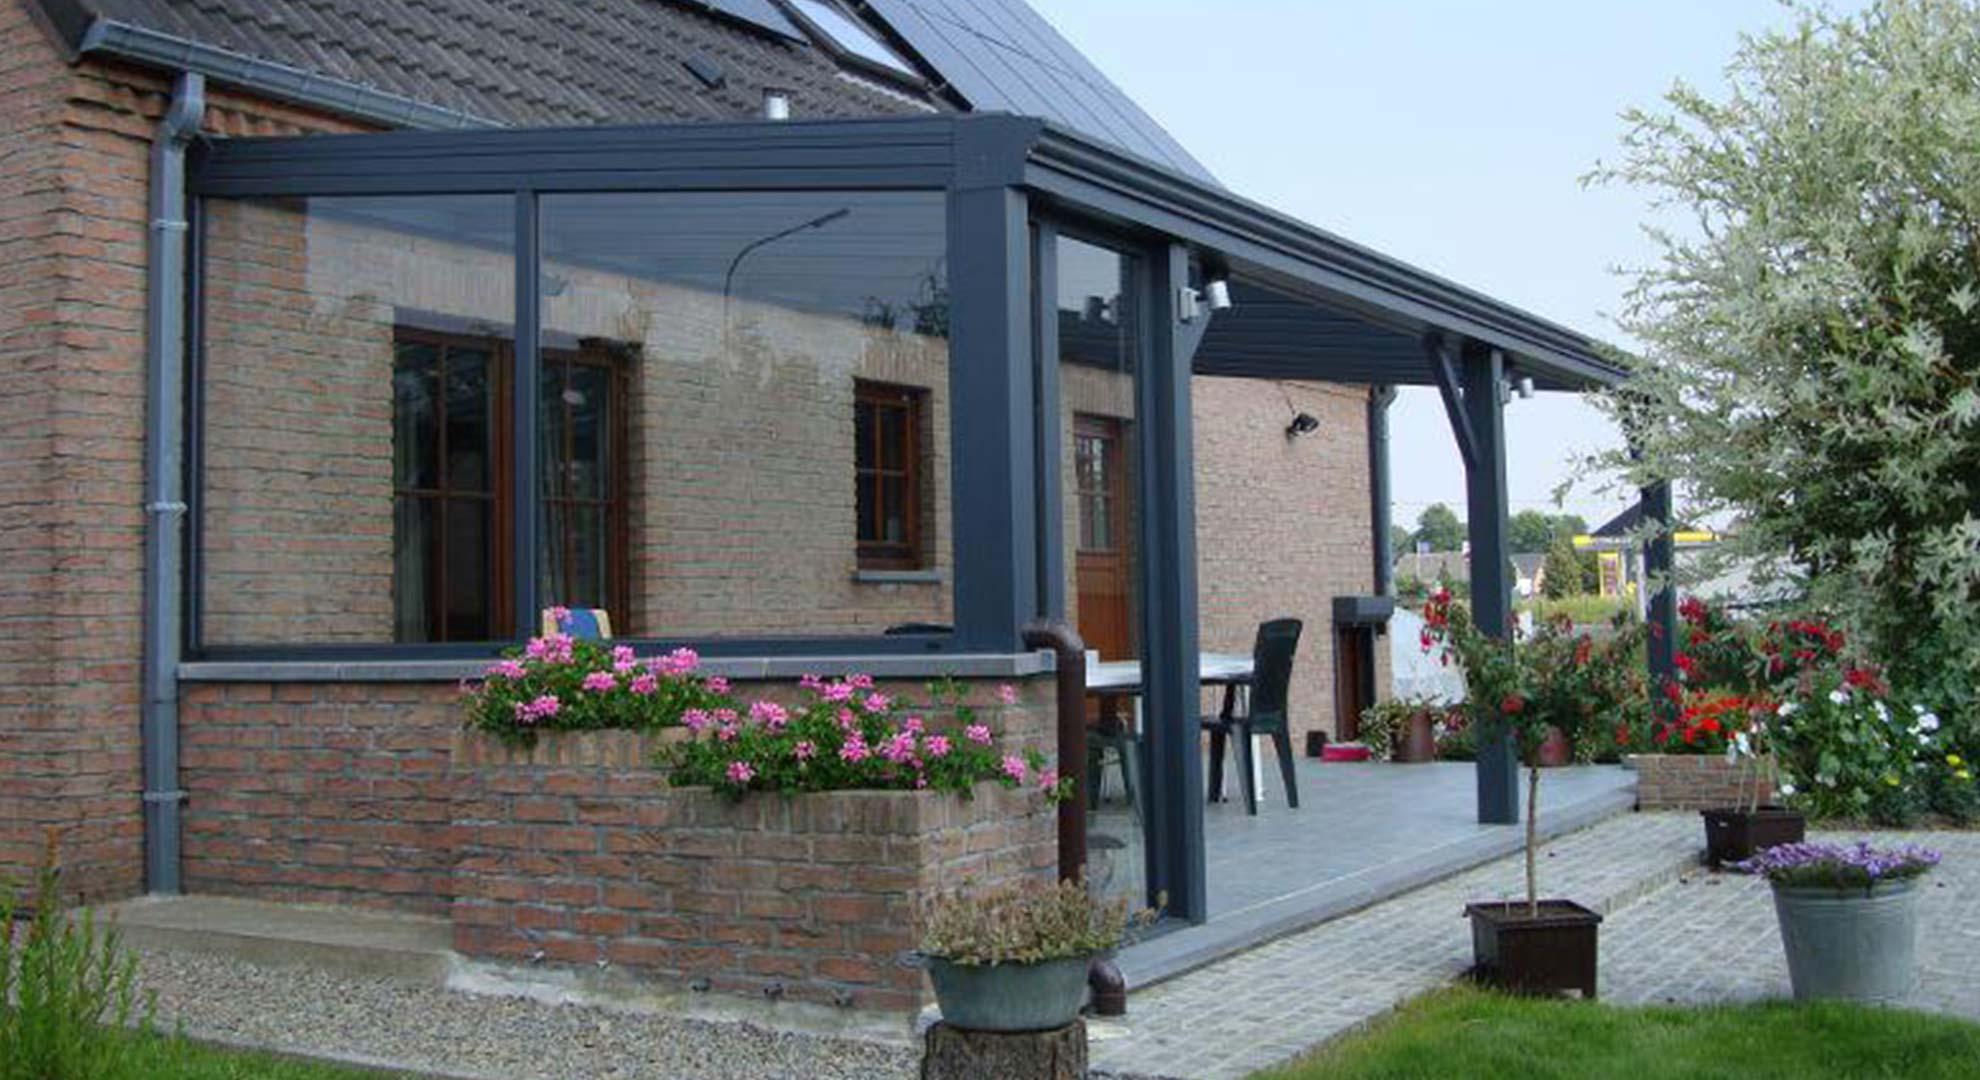 Serre Aanbouw Prijzen : Serre aanbouw goedkoop goedkope uitbouw huis cool casco aanbouw